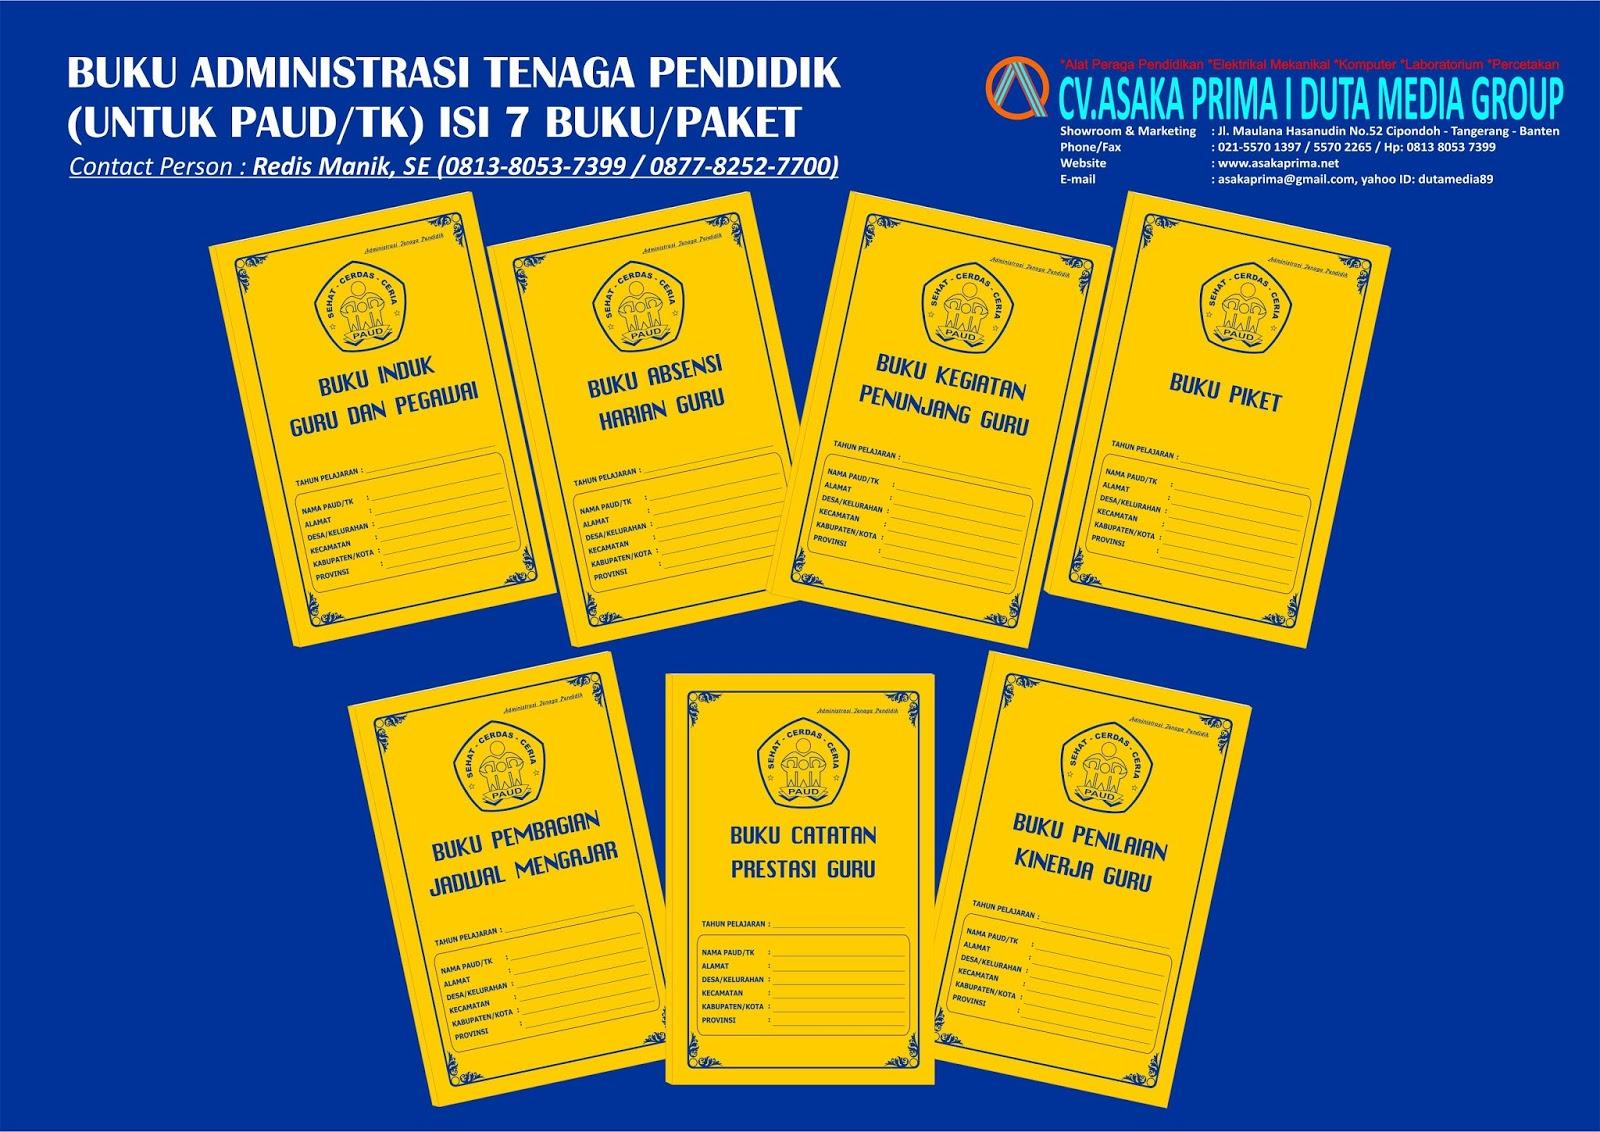 Cari Administrasi Tk Paud Lengkap Tahun 2018 Buku Administrasi Tk Paud 2018 Sarana Kerja